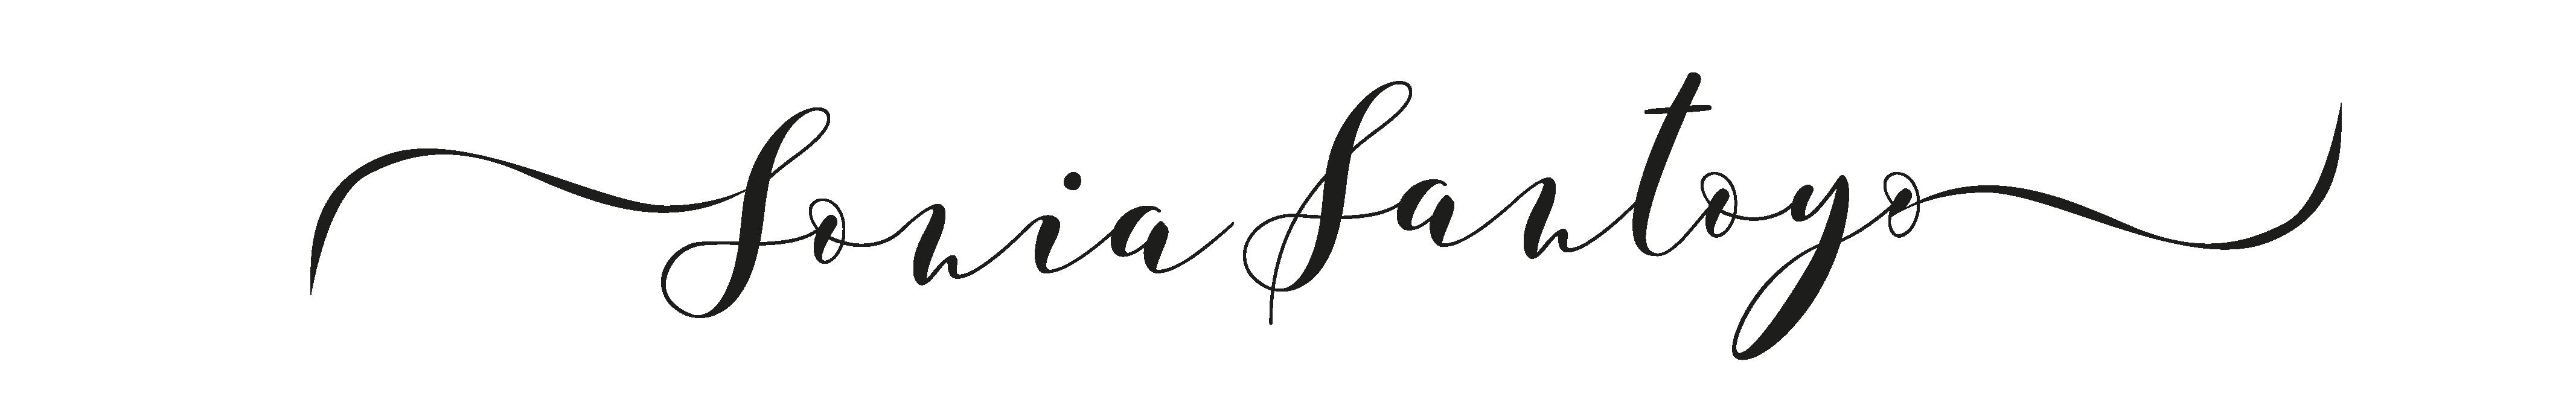 Sonia Santoyo